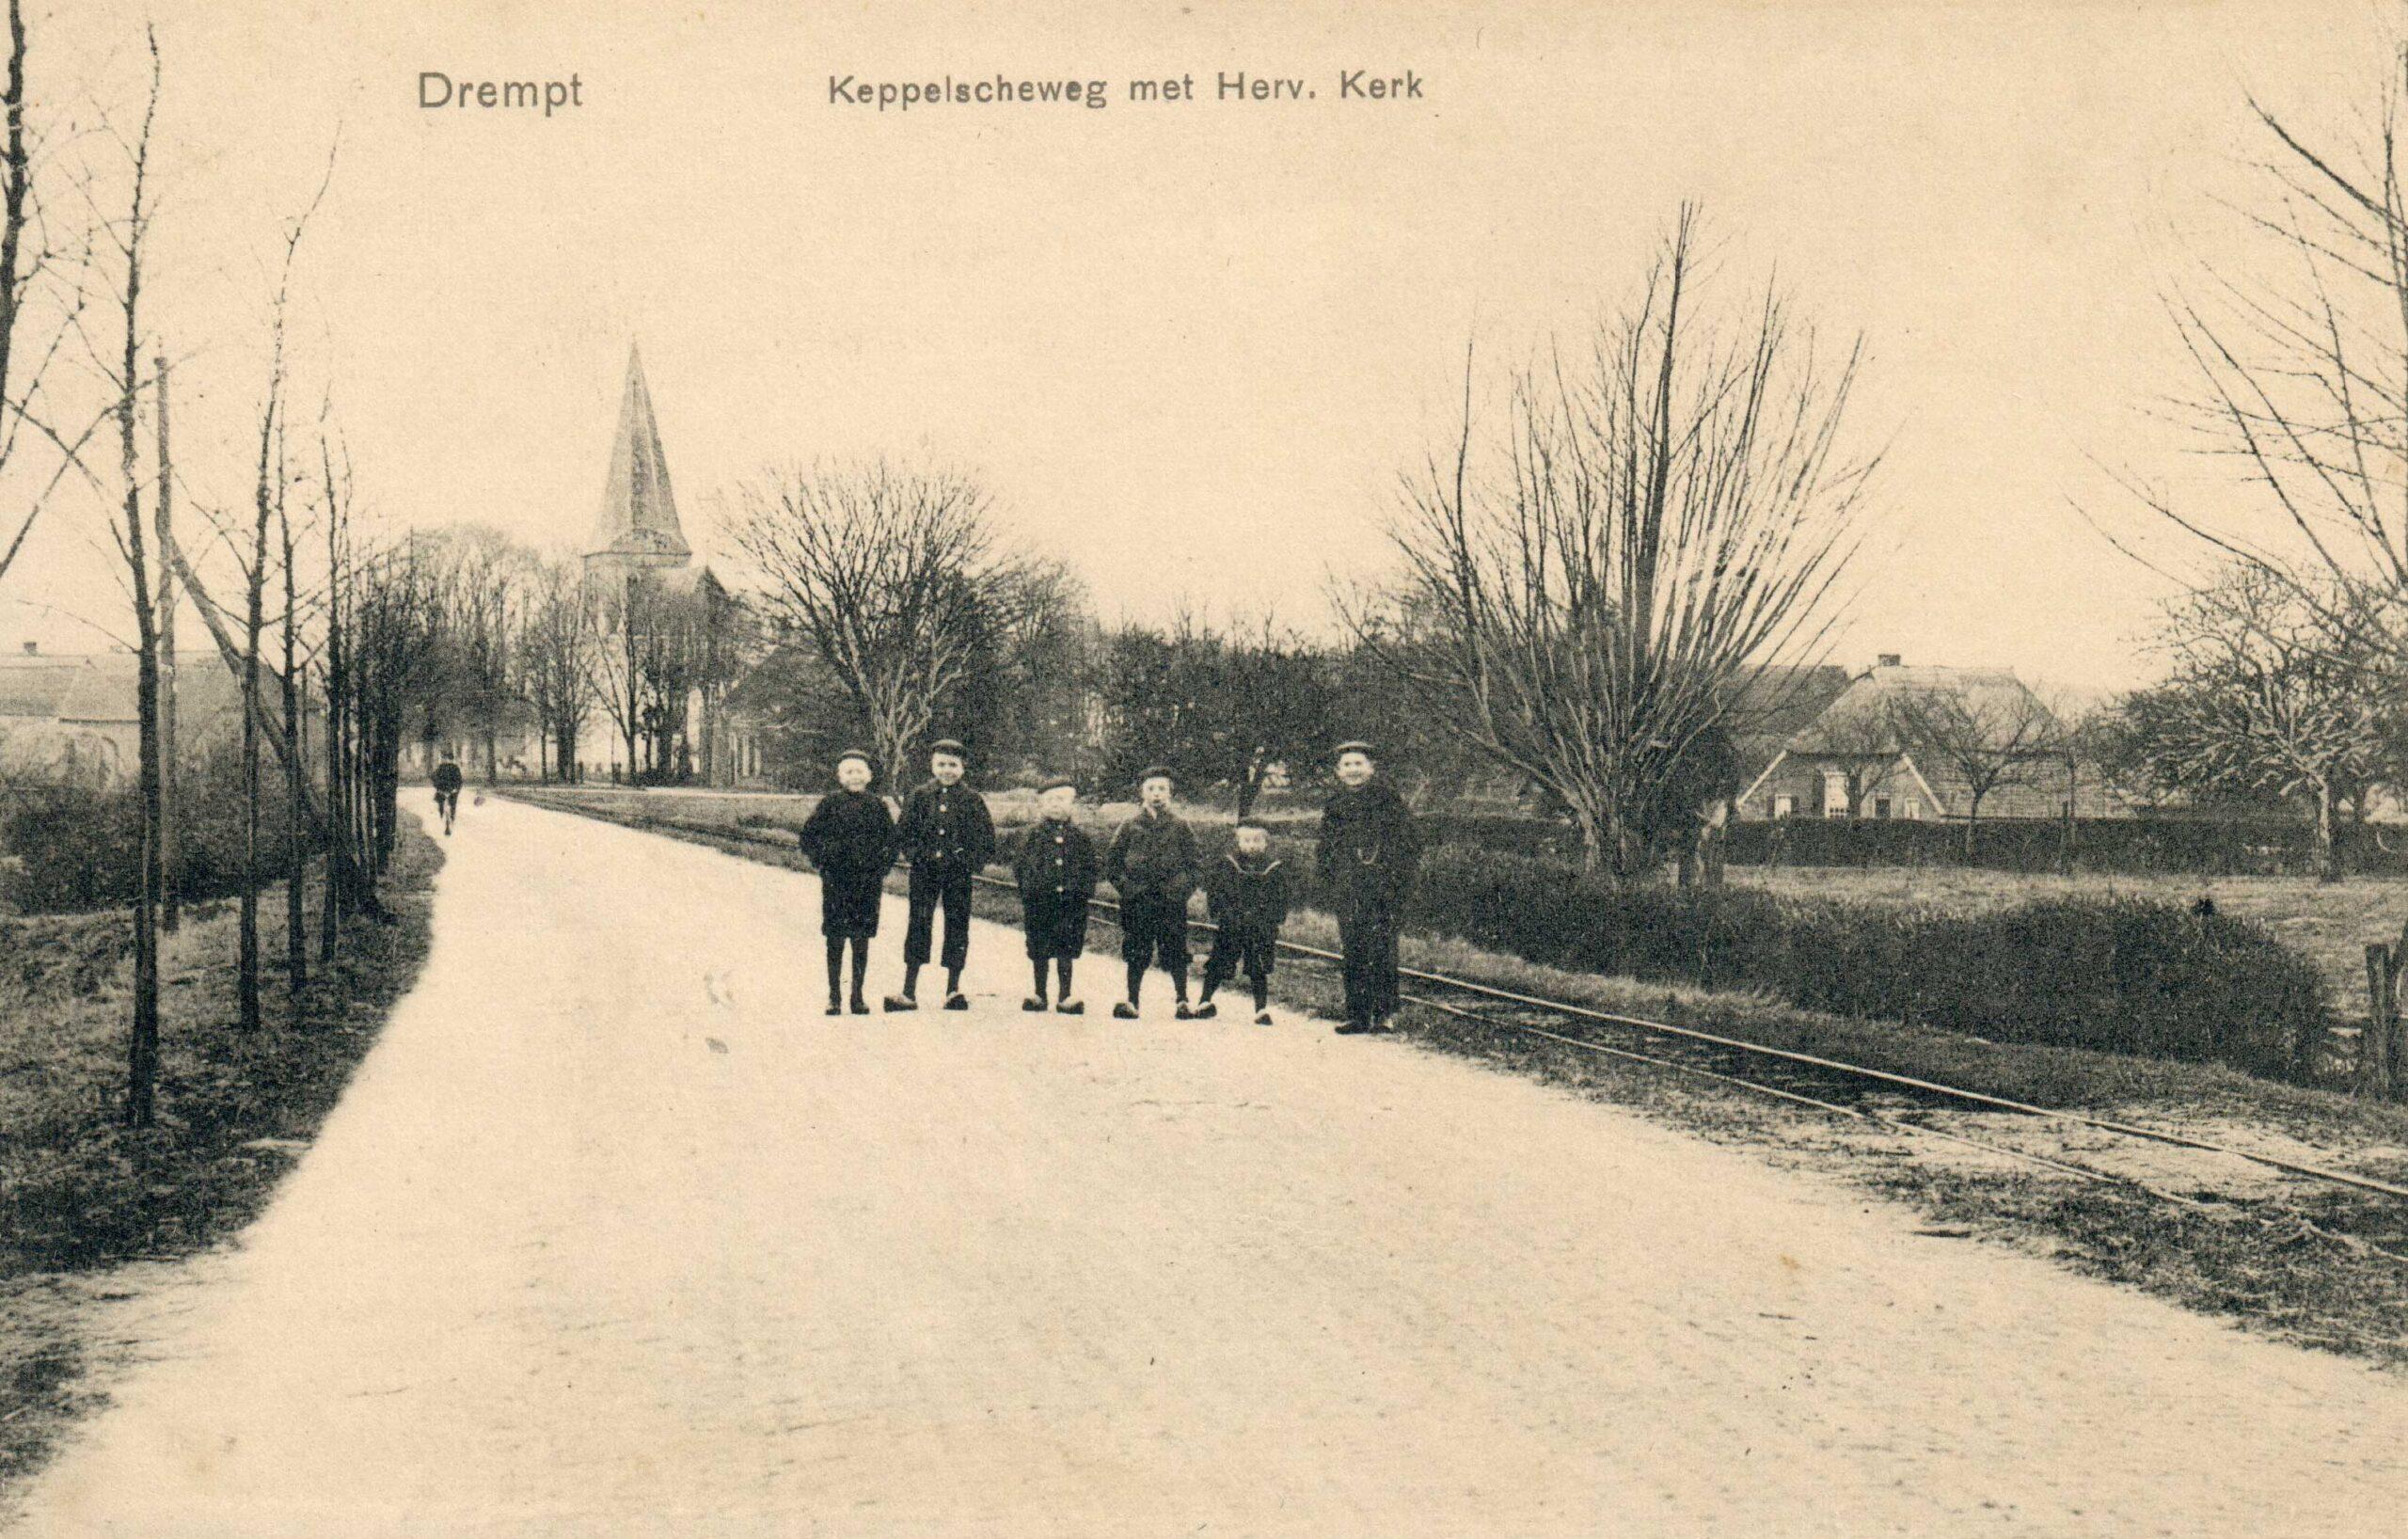 Drempt Keppelscheweg met Herv. Kerk